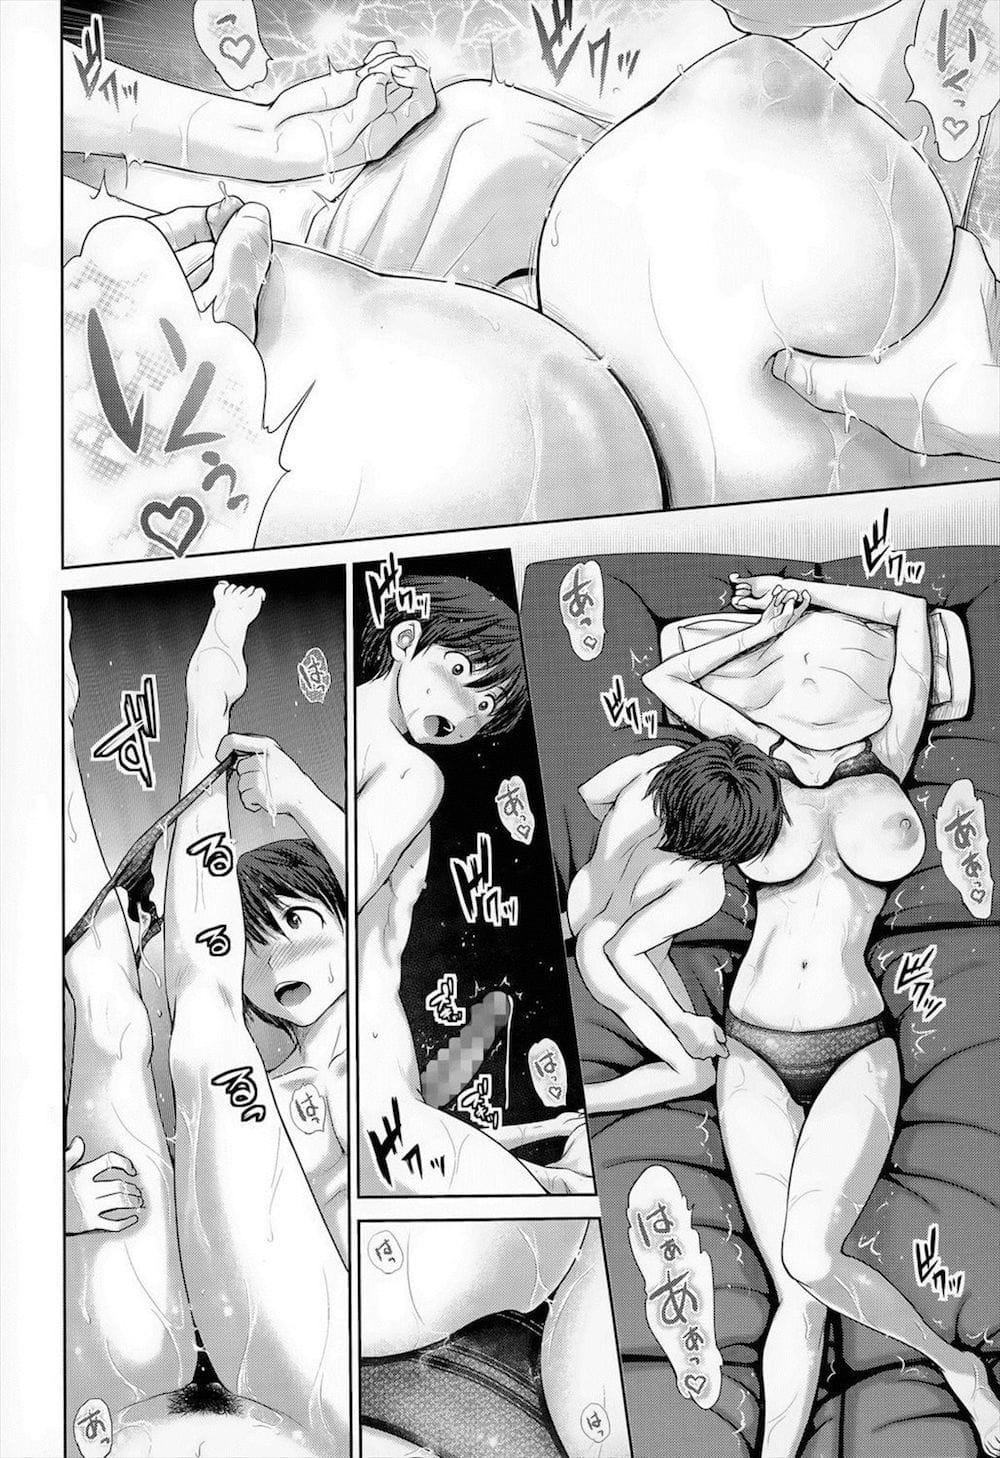 【長編エロ漫画・第4話】美少年に正体を明かすことを決意したJK部長!オイルマッサージで興奮した美少年は全身を丁寧に愛撫する!挿入懇願から中出しSEX!【夢色ぐらさん】